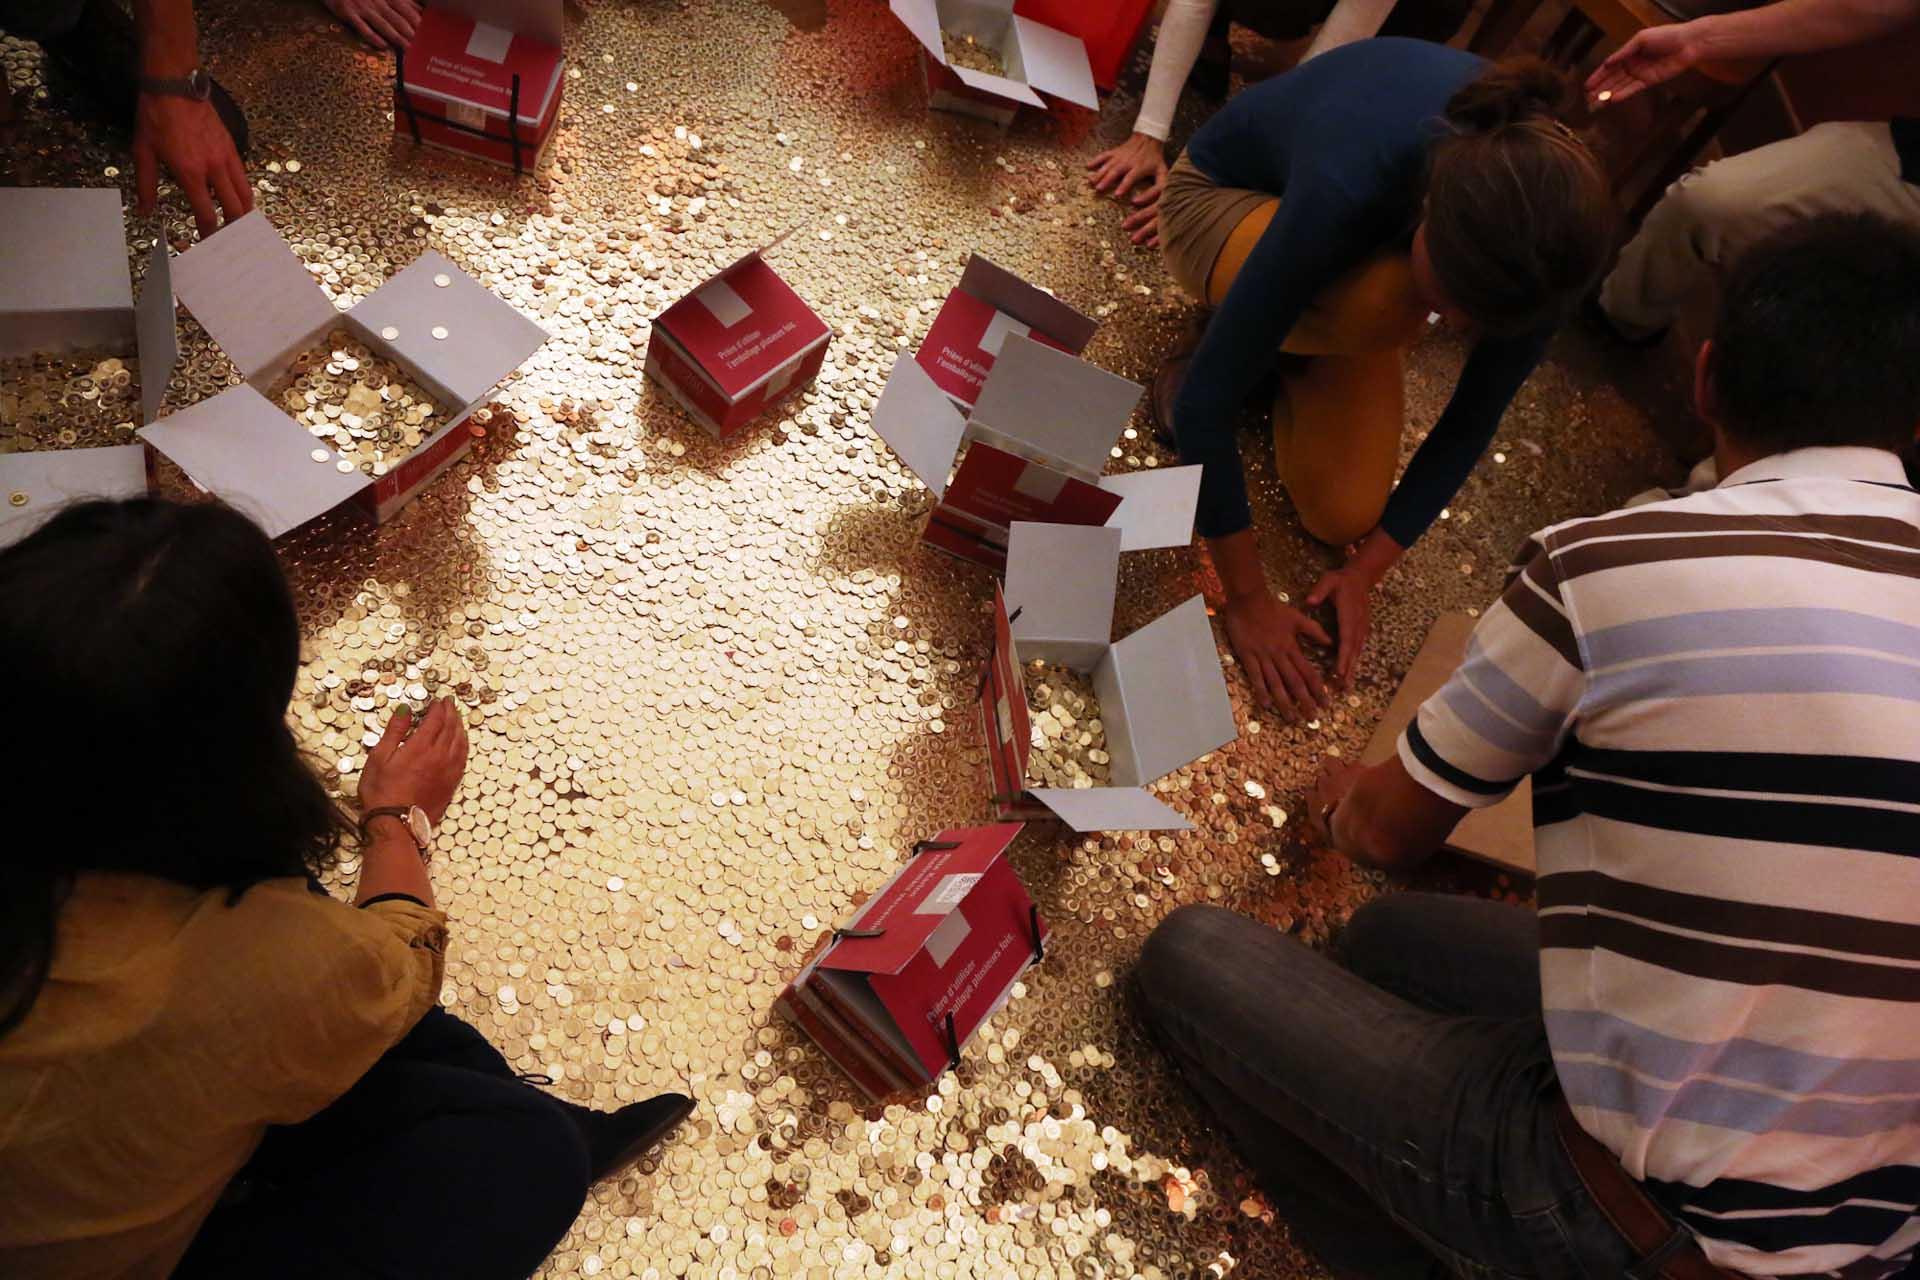 Die Idee ist eine symbolische Aktion: 400.000 Schweizer Franken in 8 Millionen 5-Rappen Münzen...